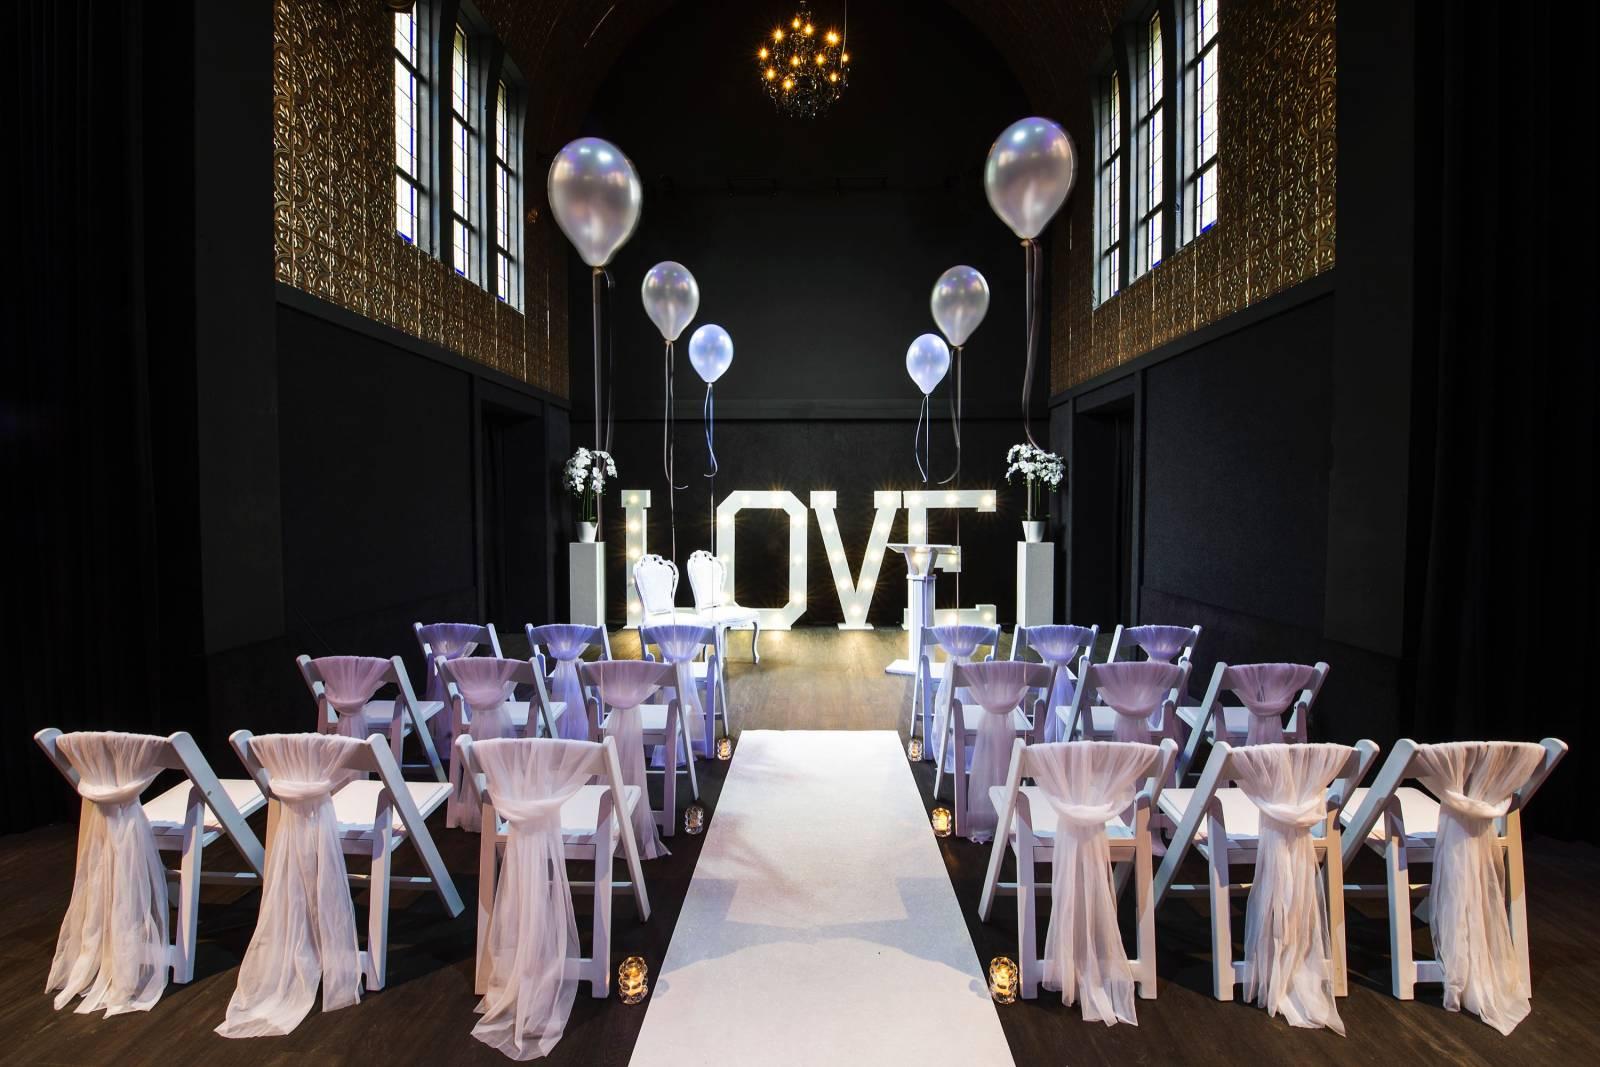 In Style Styling & Decoraties - Trouwdecoratie - Verhuurbedrijf - Wedding Design - House of Weddings - 9